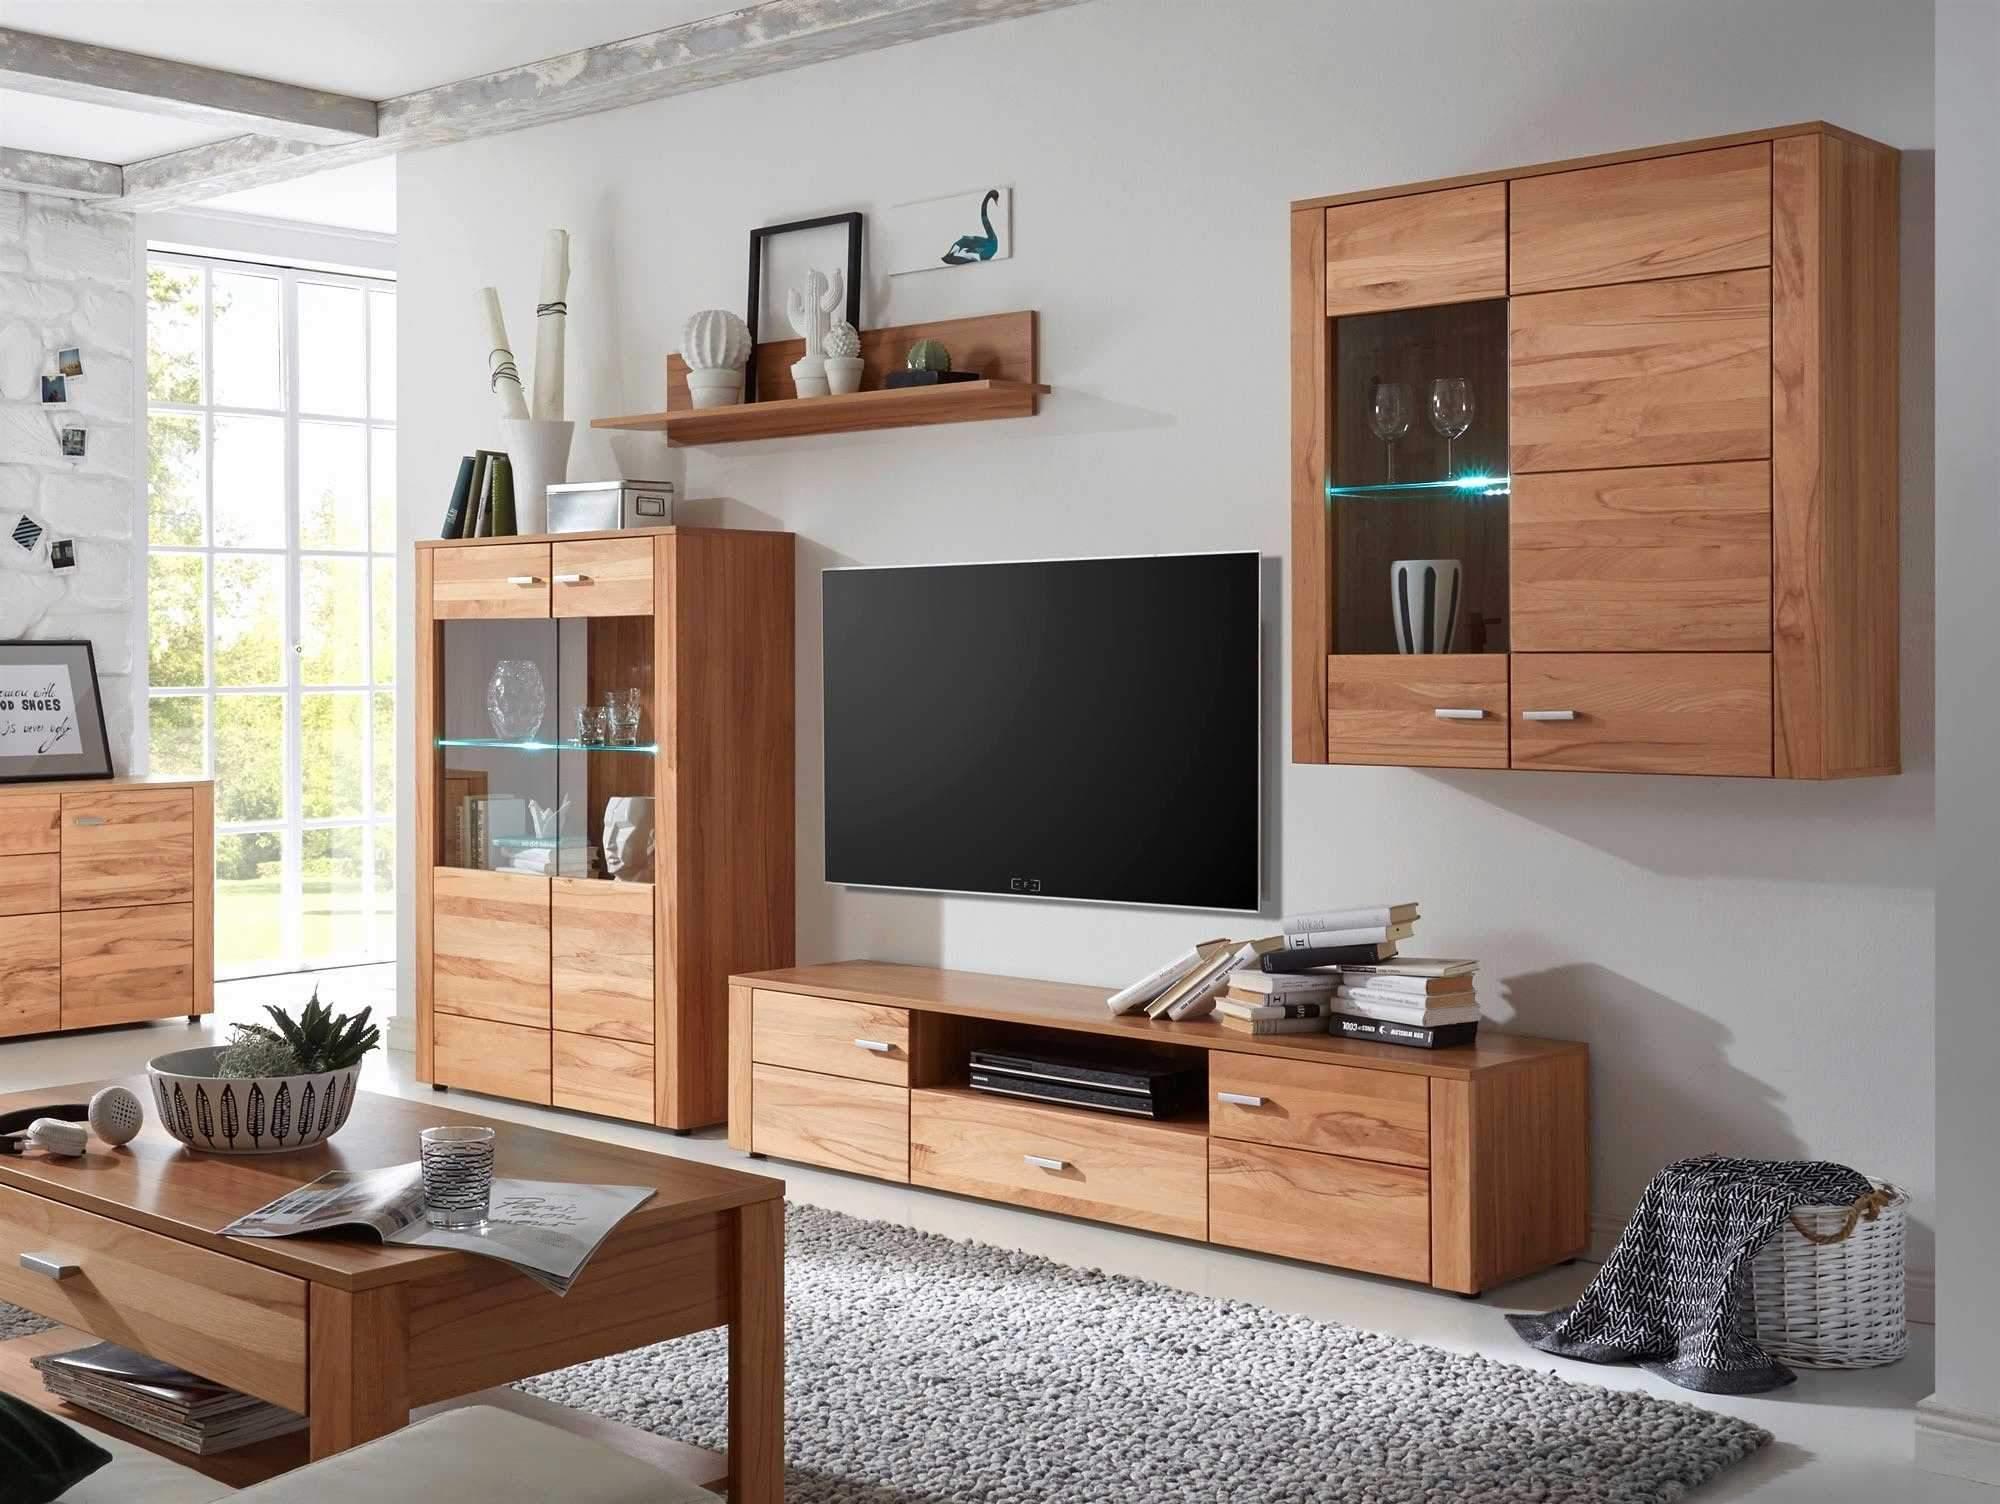 Full Size of Wohnzimmer Bücherregal Elegant Neu Wohnzimmer Schrankwand Weiß Wohnzimmer Wohnzimmer Schrankwand